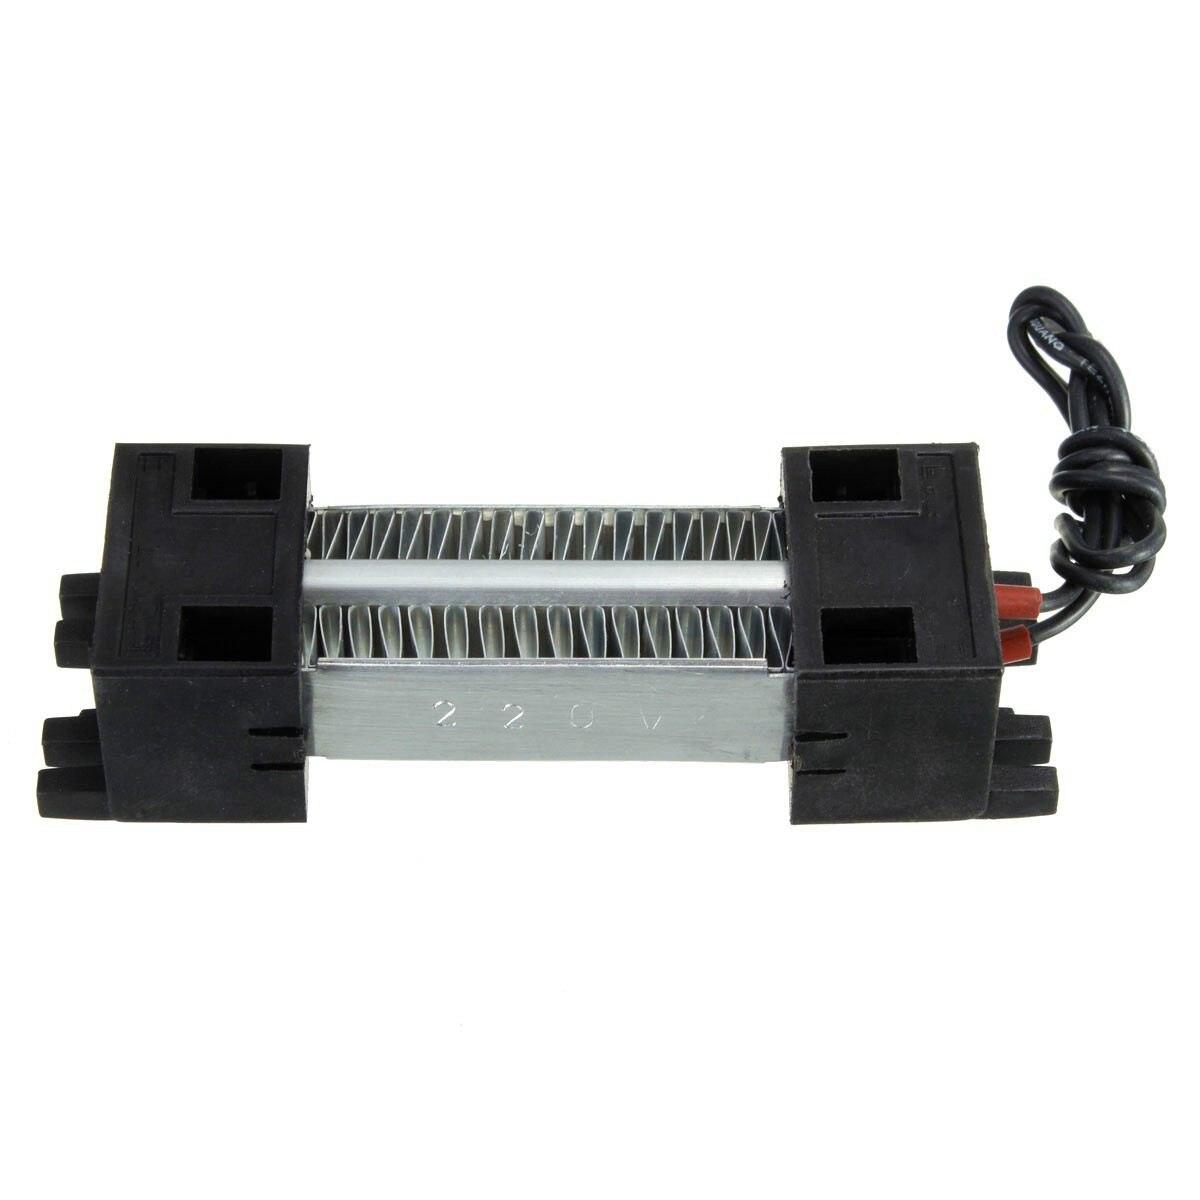 Электрический нагреватель 100 Вт 220 В изолированный PTC керамический воздушный нагреватель PTC нагревательные элементы тепловое излучение воз...